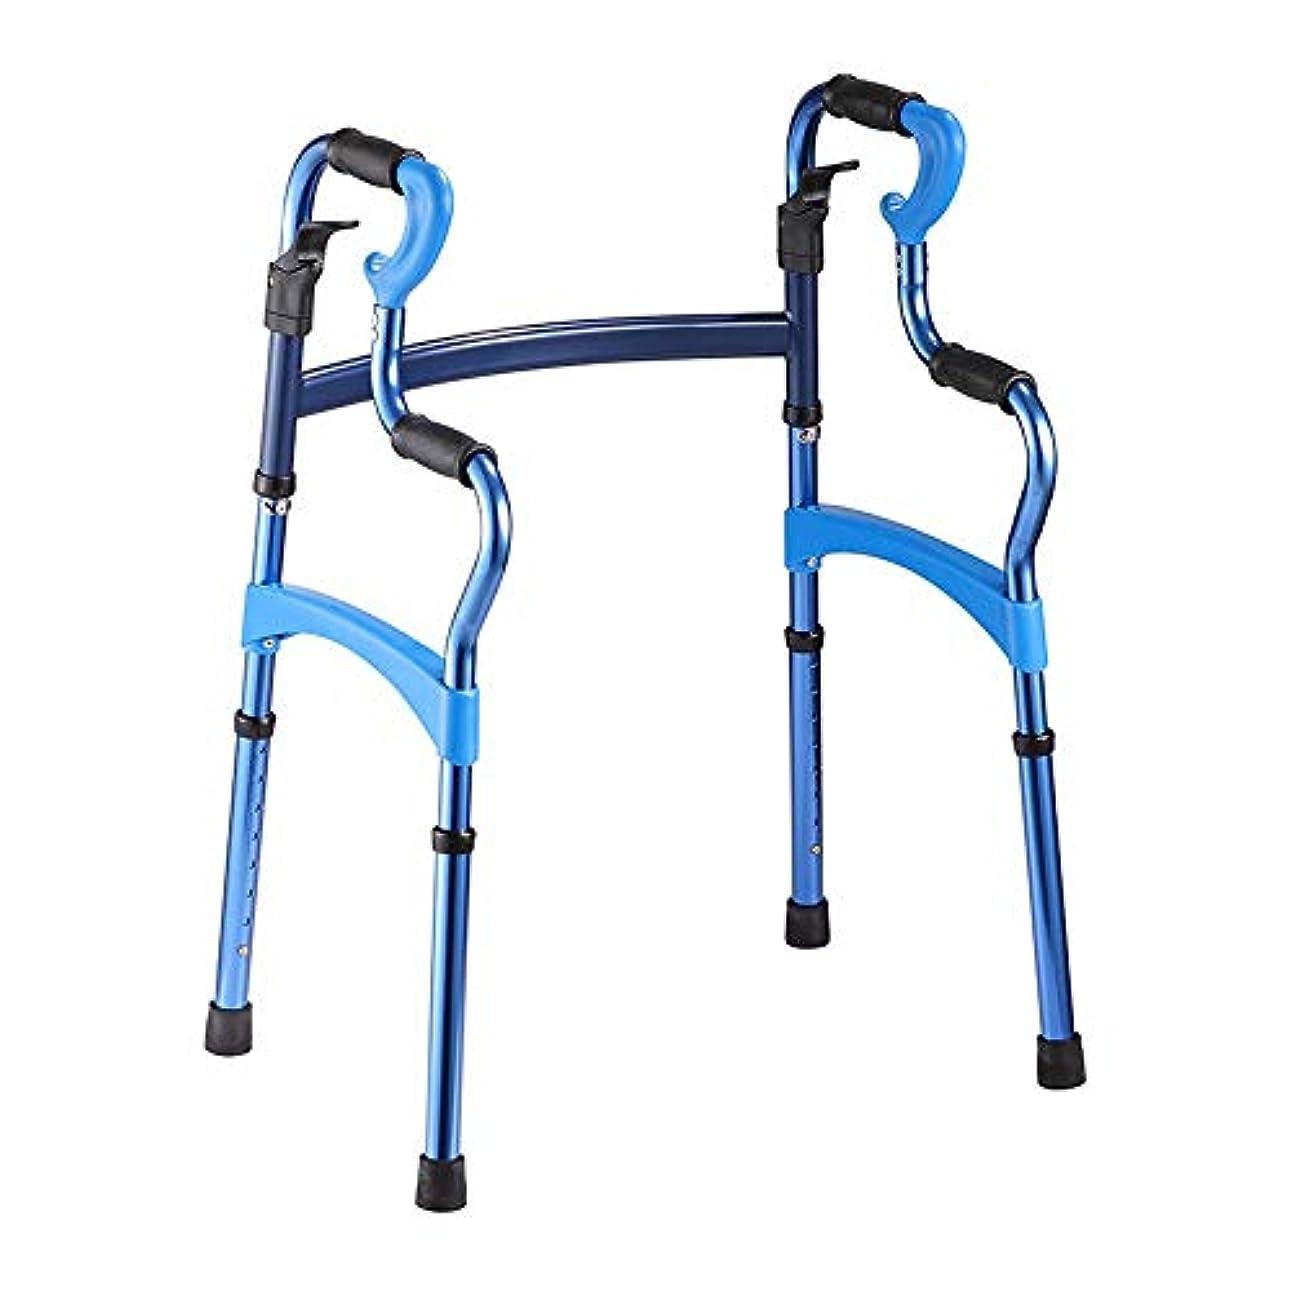 小学生ケーブルカー幹高齢者、障害者、障害者、または負傷者のための調整可能な折りたたみ歩行補助具、軽量で調整可能な移動補助具